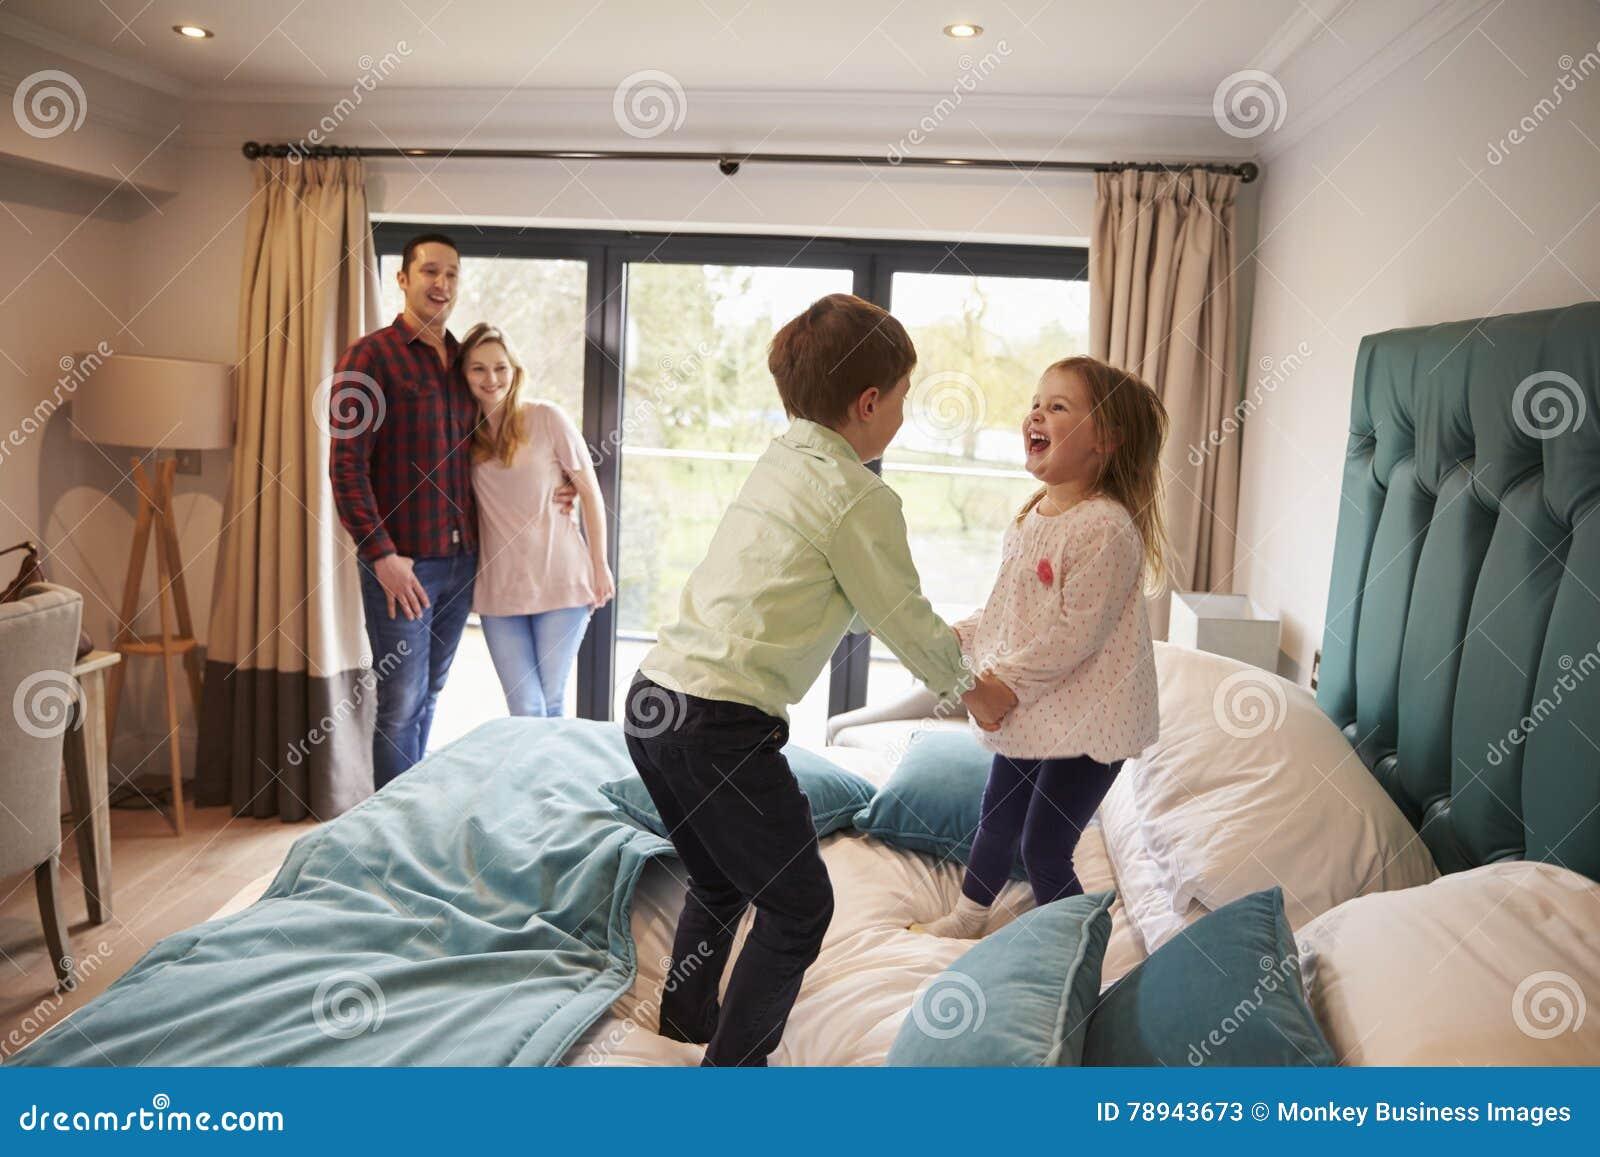 Familj på semester med barn som spelar på hotellsäng